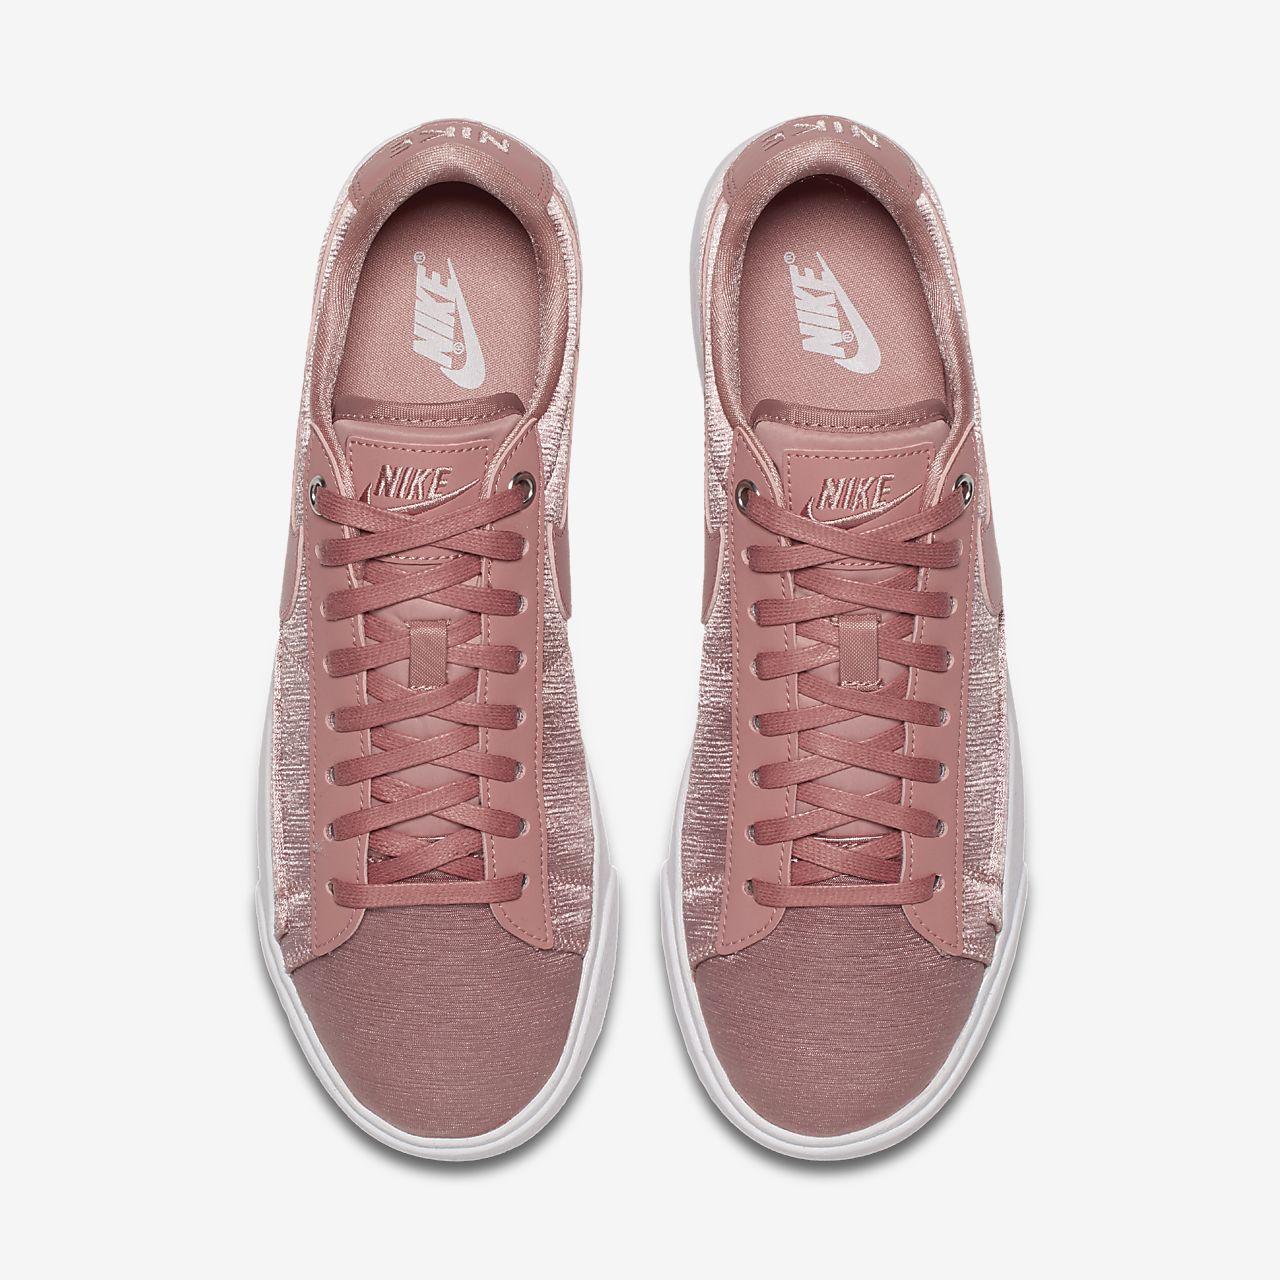 รองเท้าผู้หญิง Nike Blazer Low SE